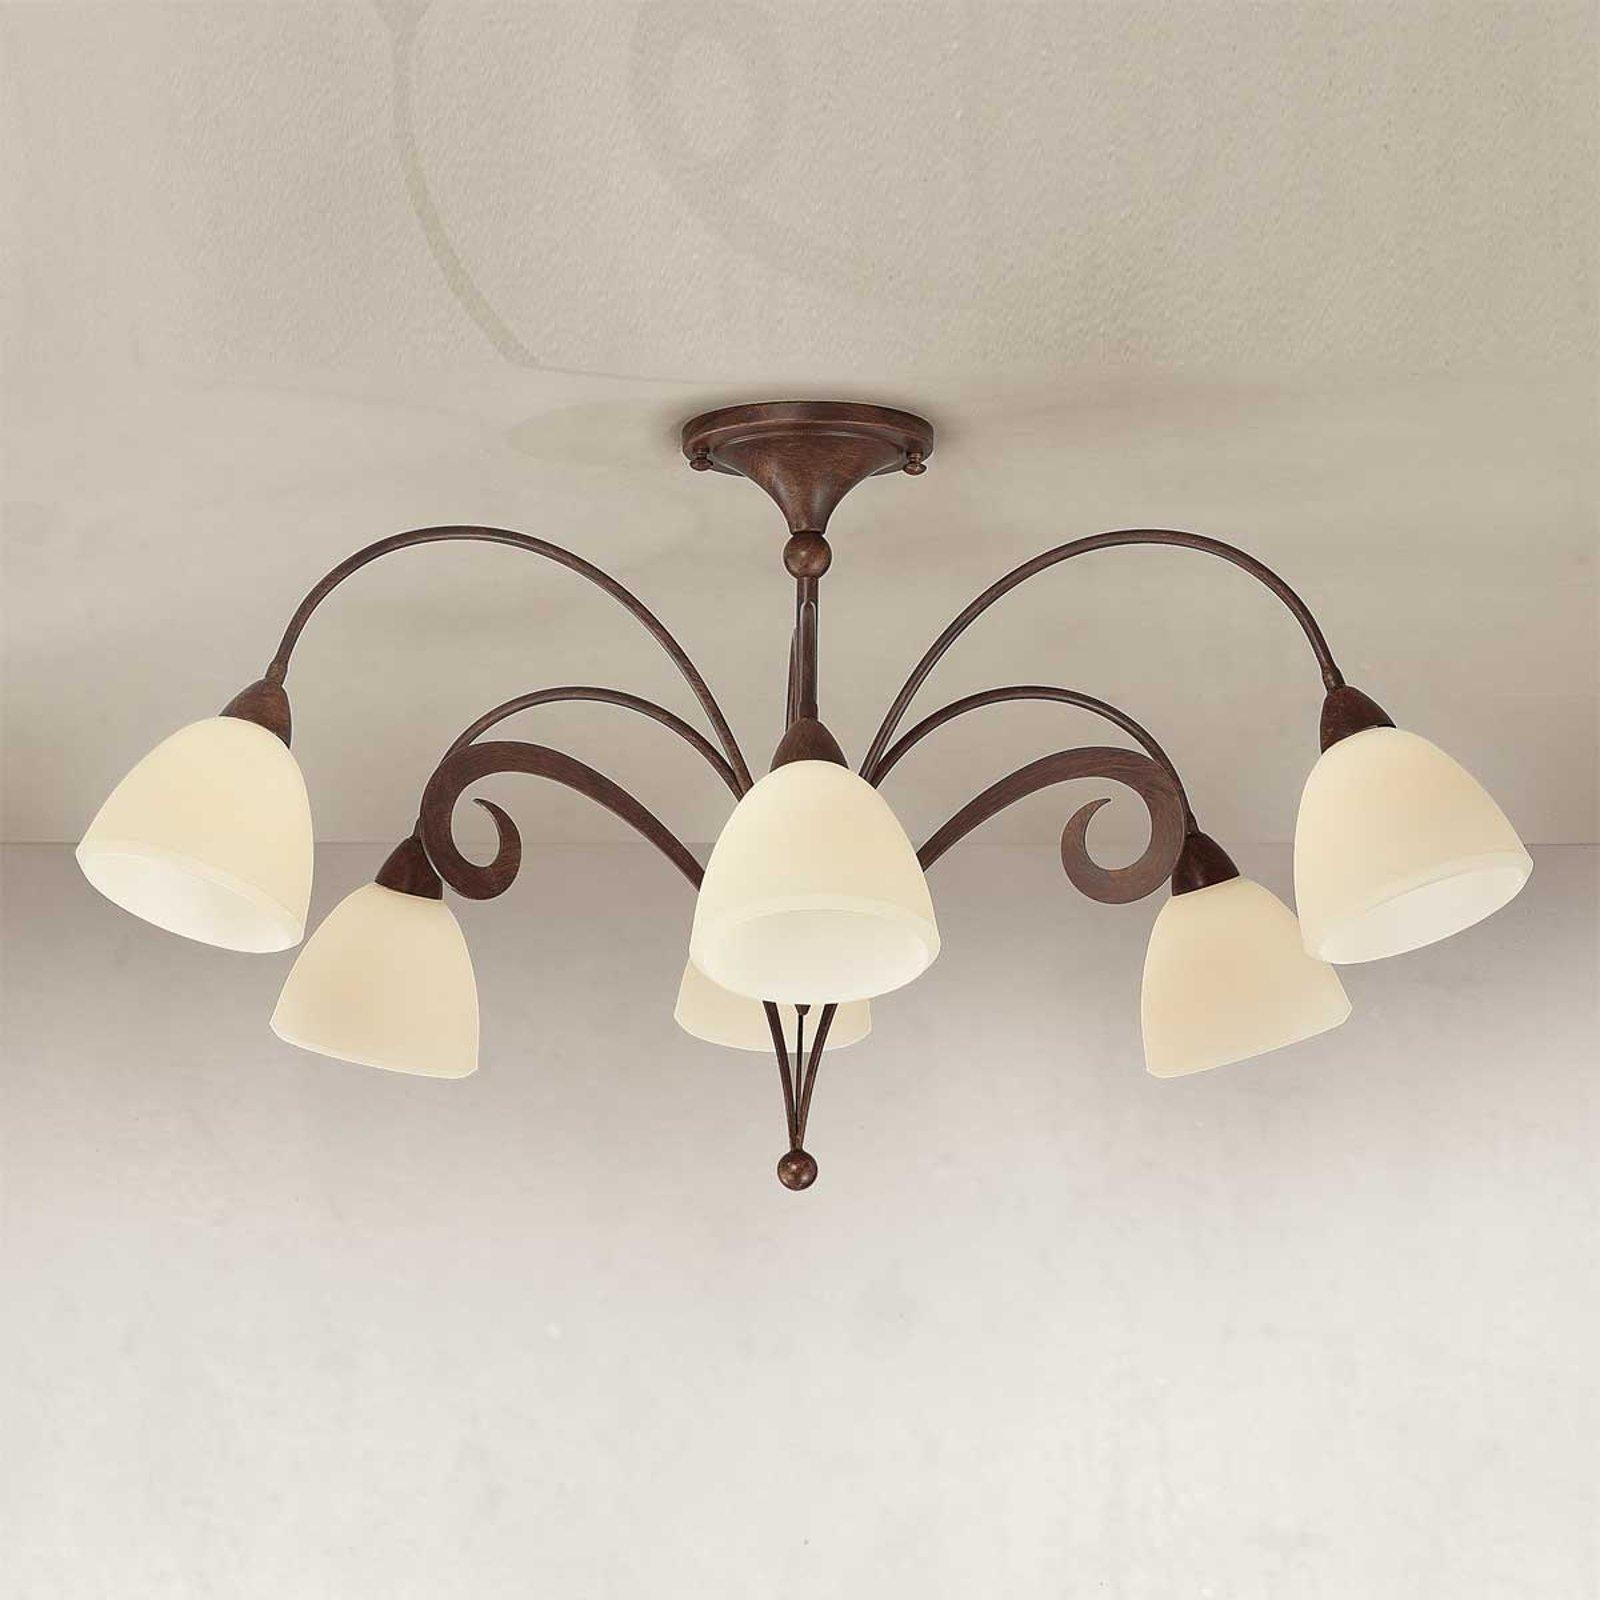 Rustikk taklampe Luca, 6 lys